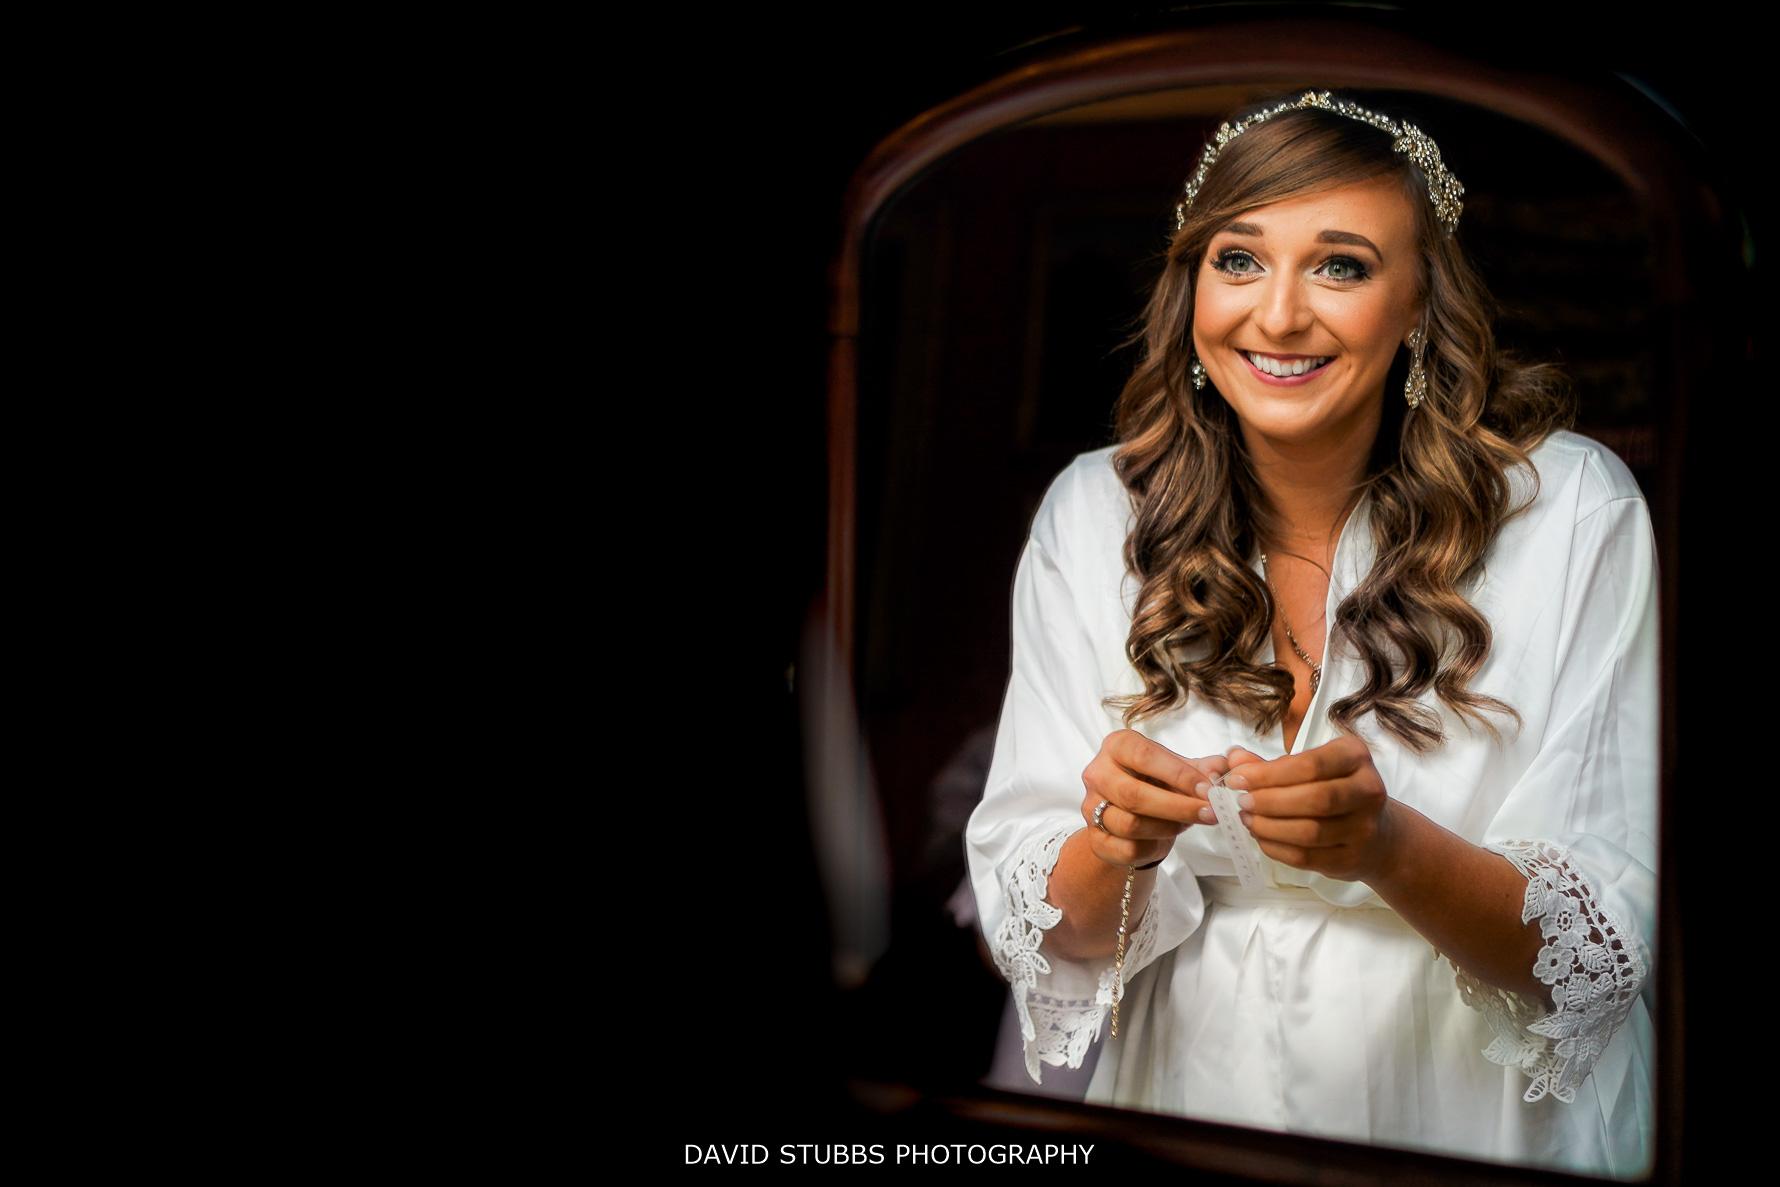 the bride reflection in big mirror